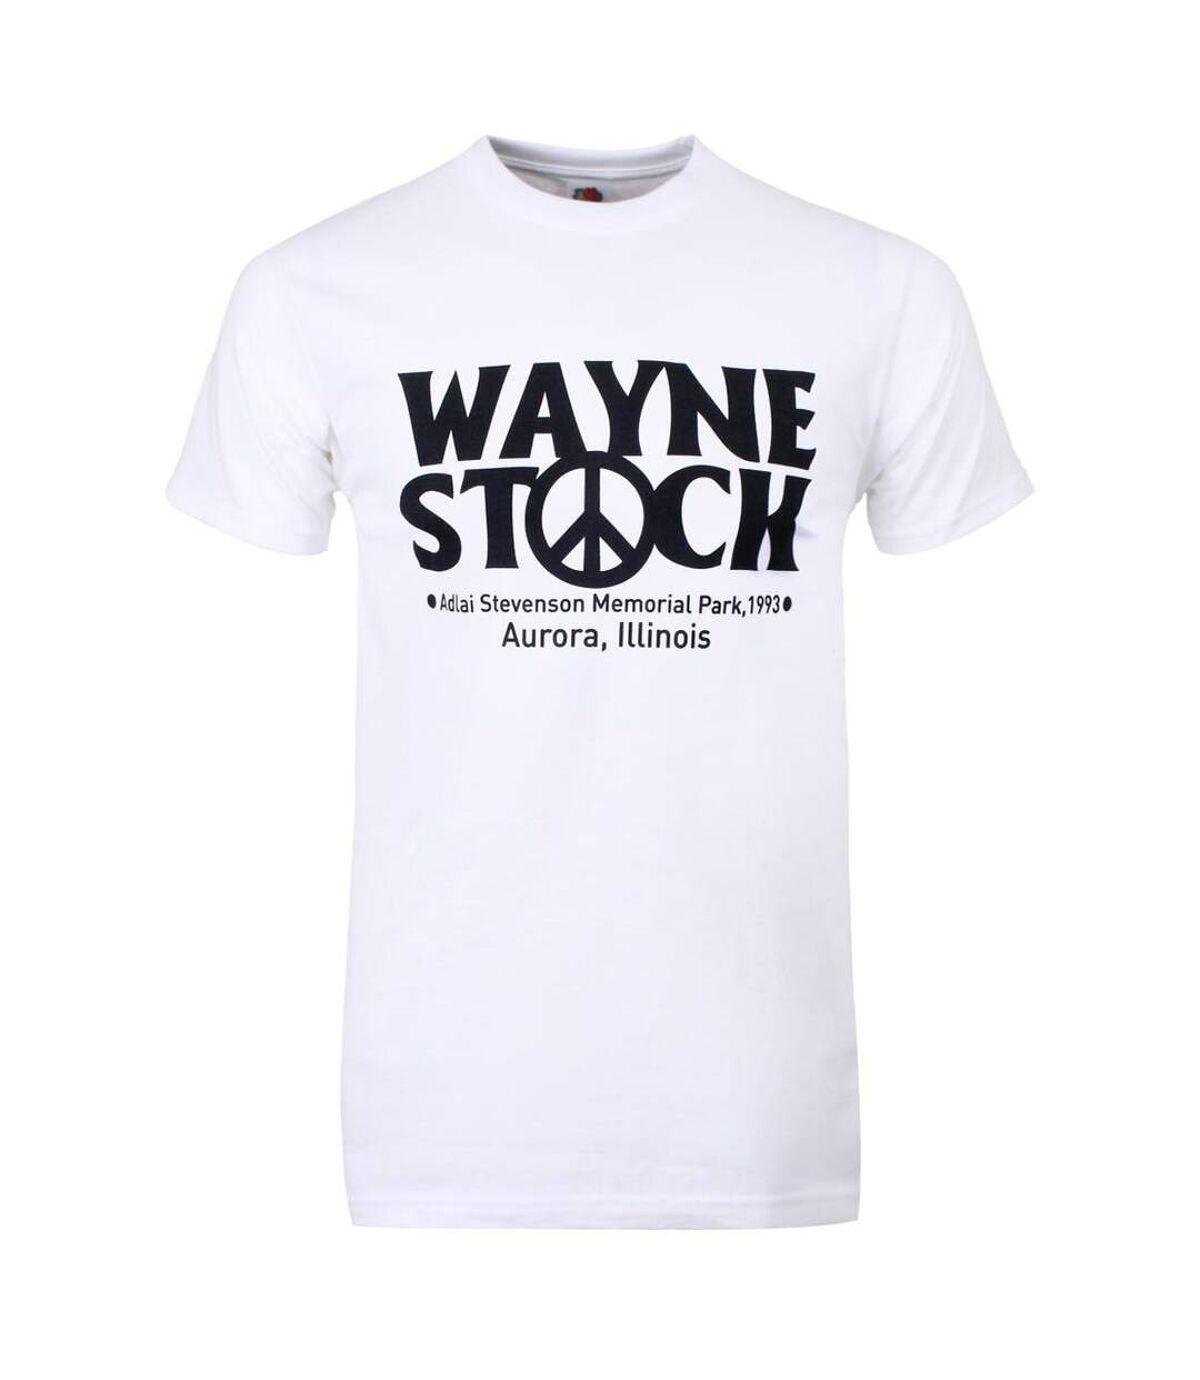 Grindstore Mens Wayne Stock T Shirt (White) - UTGR1568